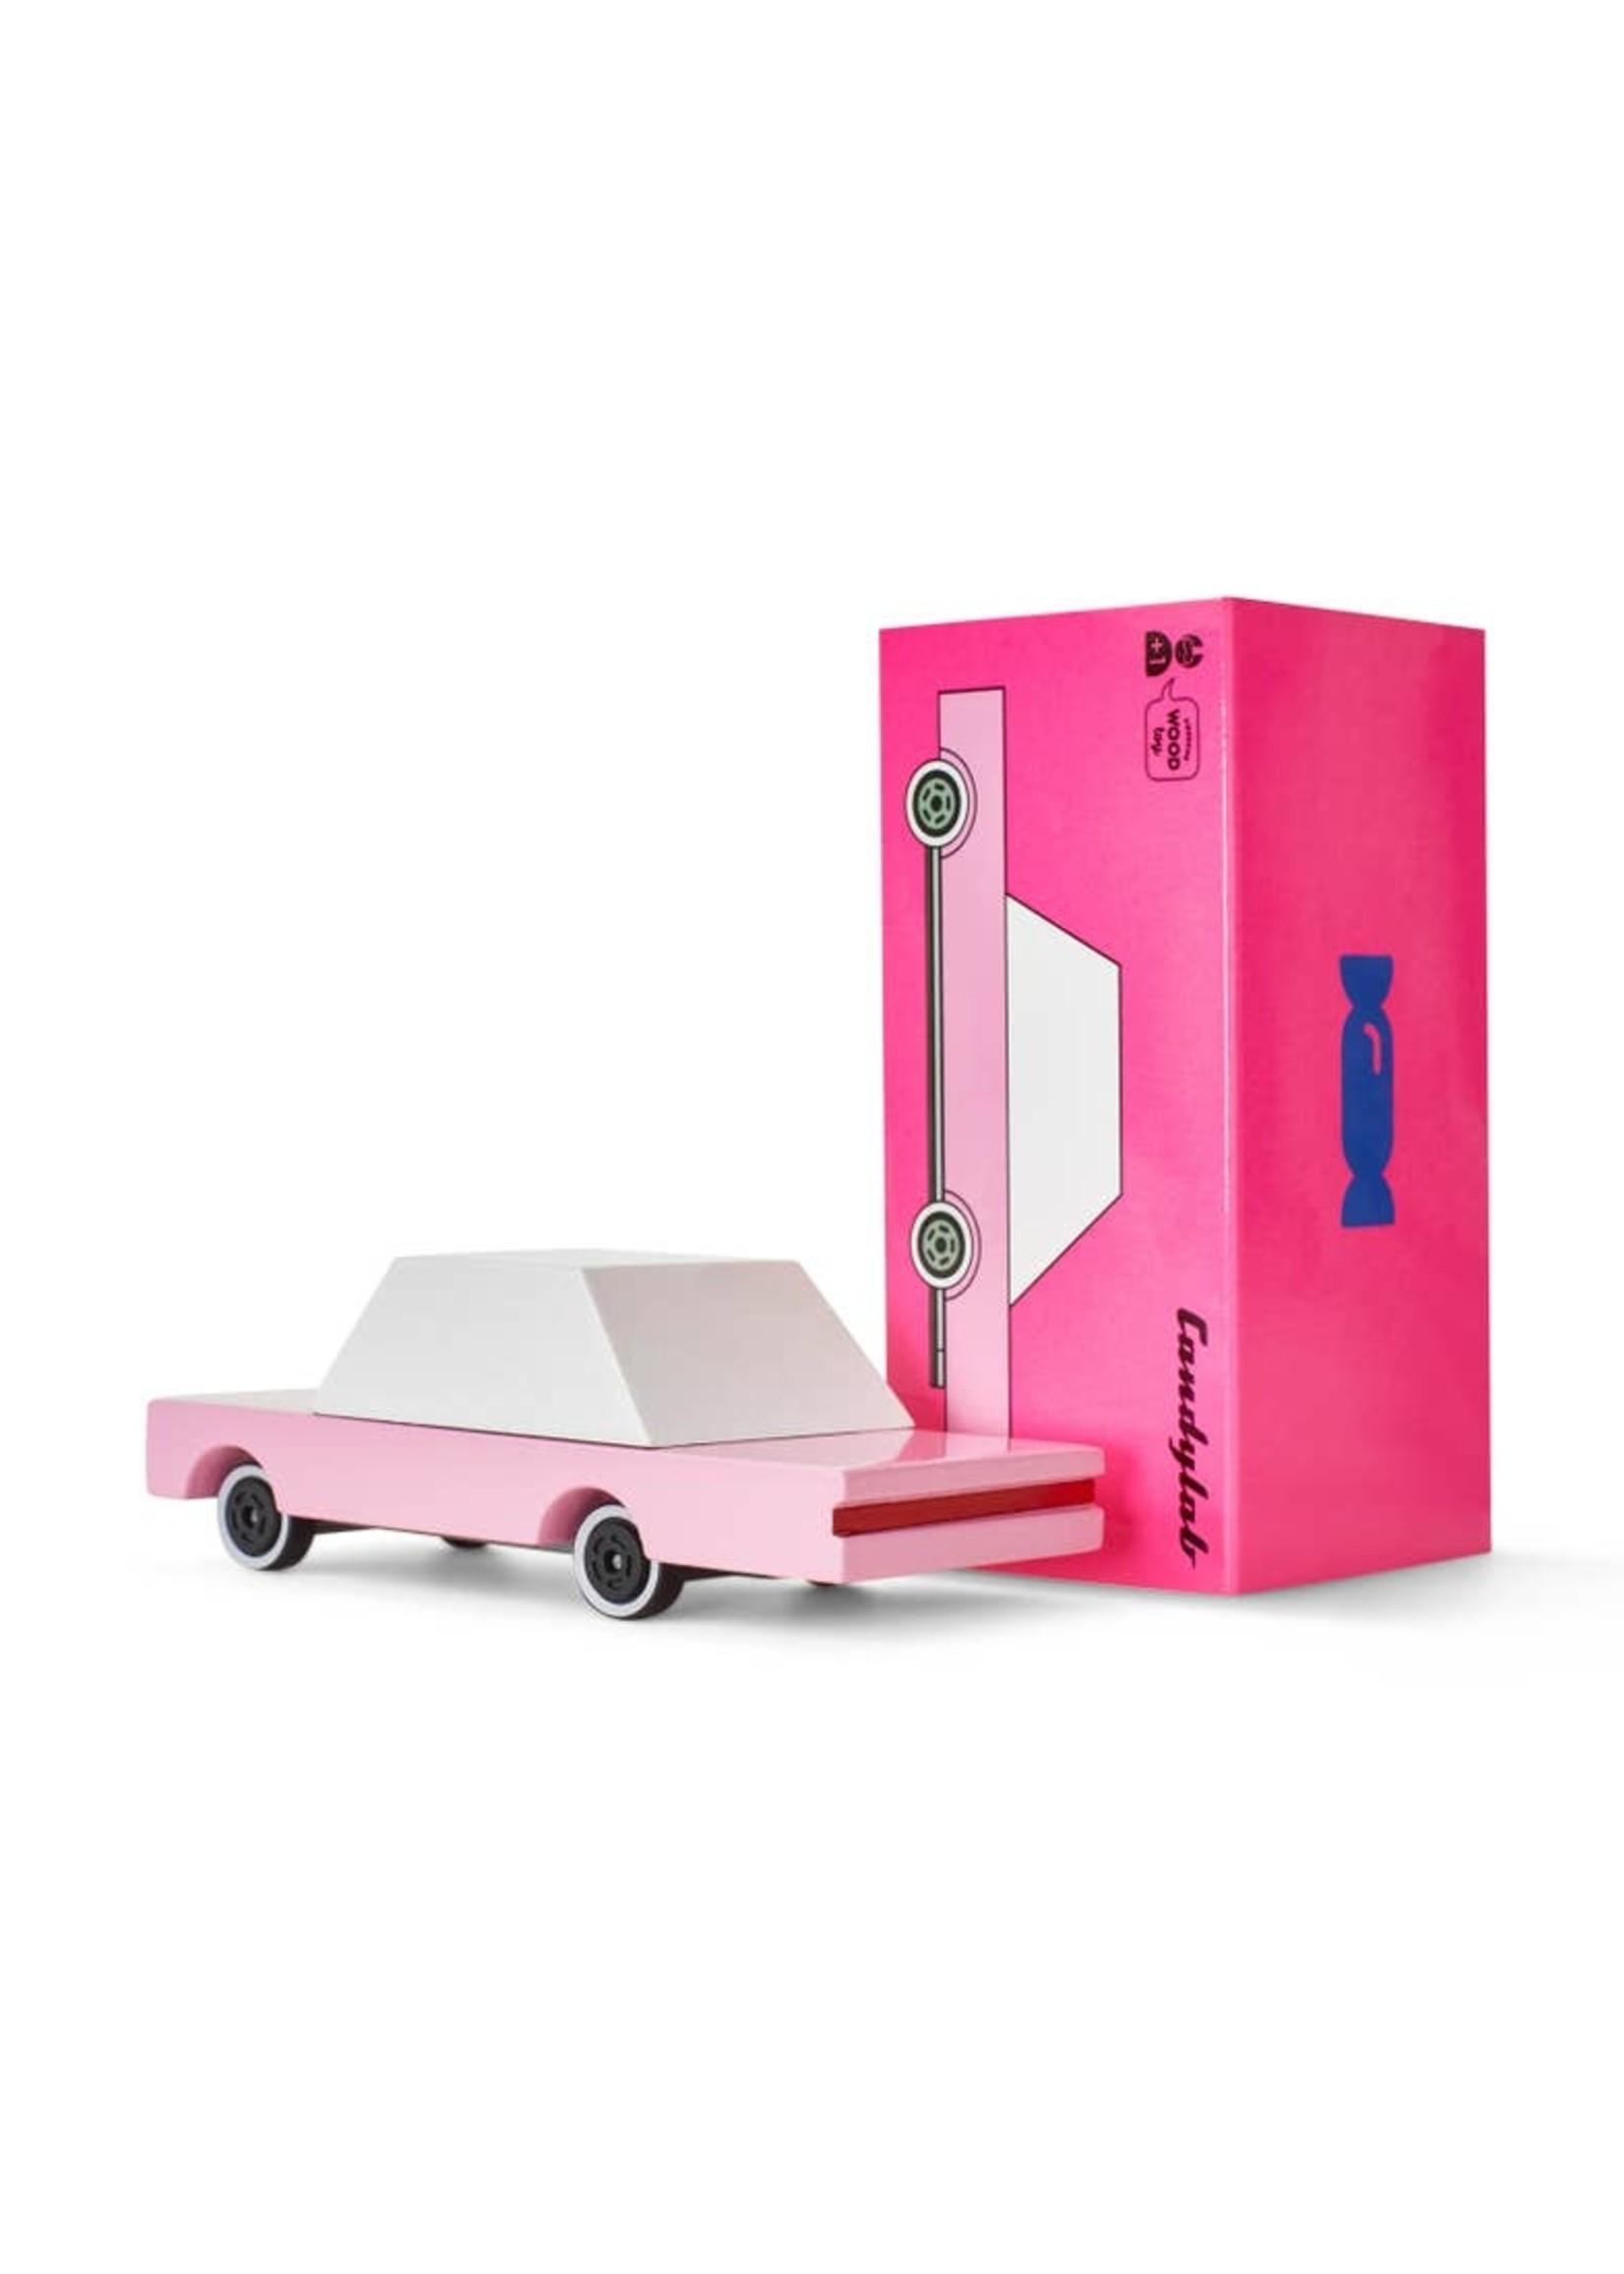 candylab pink candycar